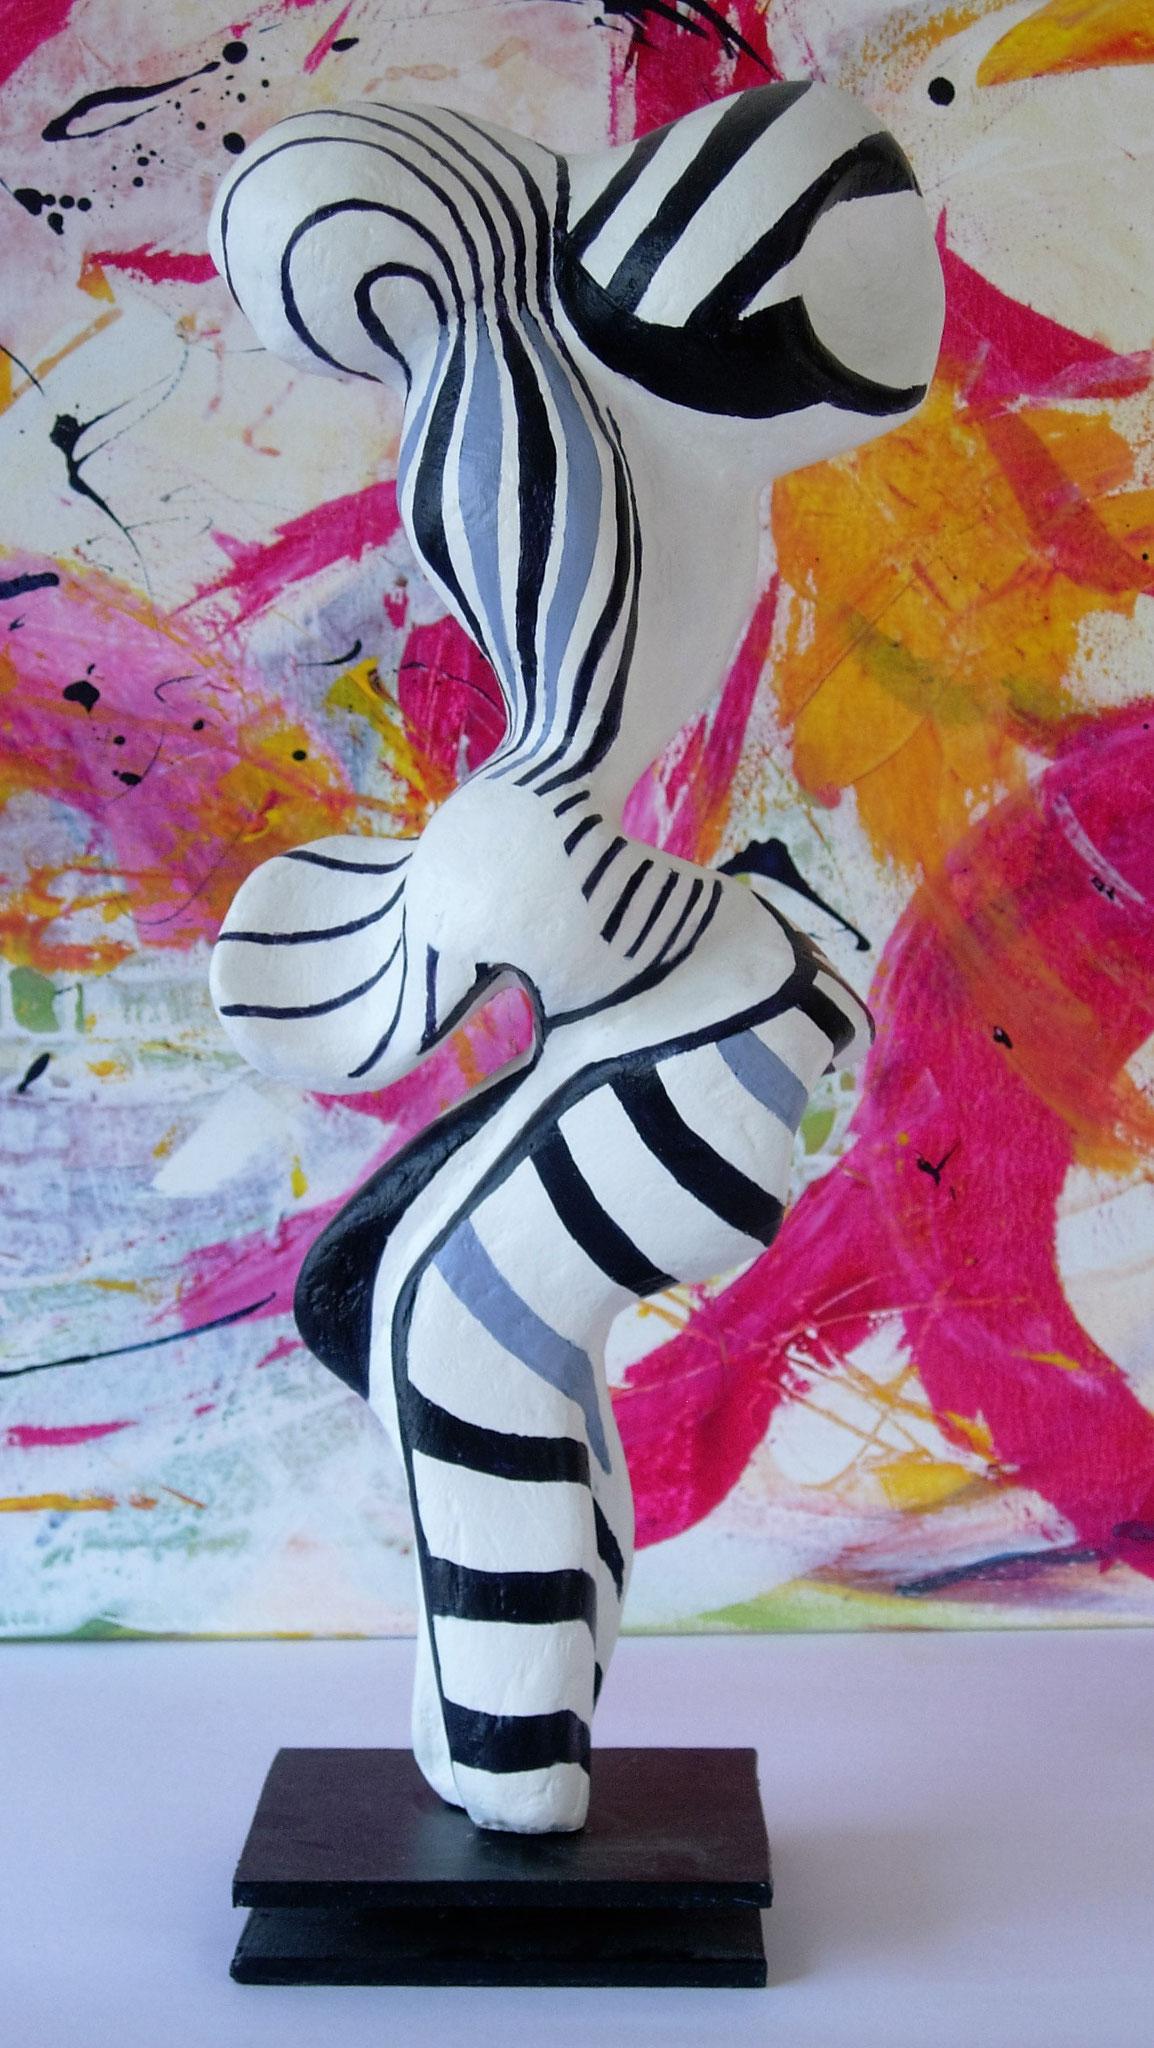 Skulptur o.Titel, Papiermaché, Acrylfarbe, 23x12x55cm